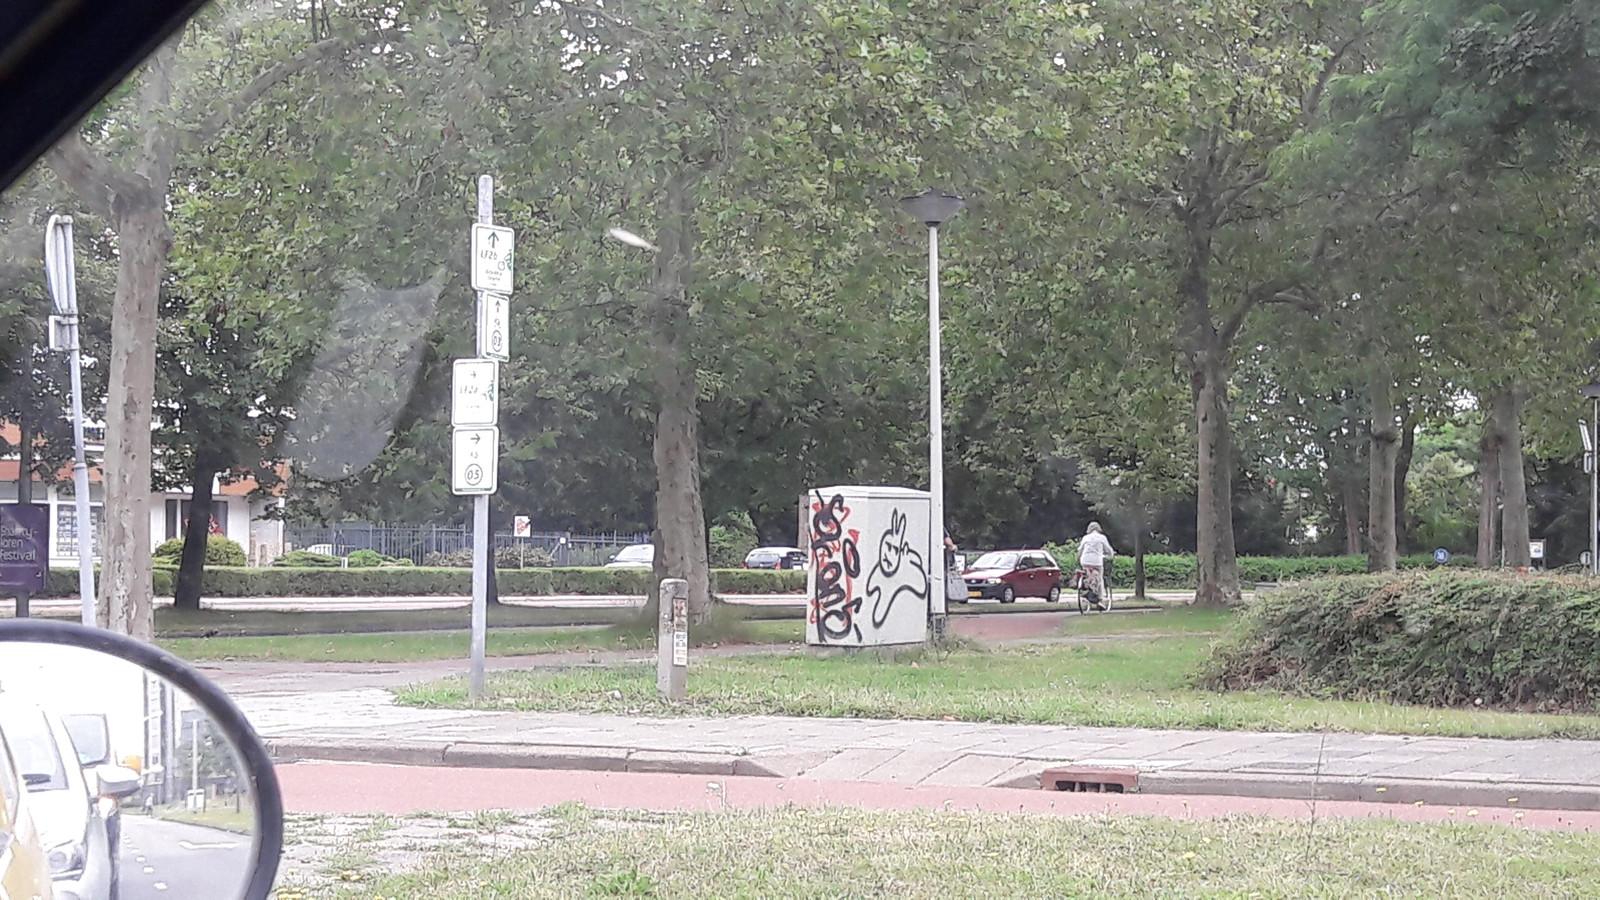 Het konijn springt ook bij het kruispunt van de President Kennedlaan - Laan van Brabant in Roosendaal.